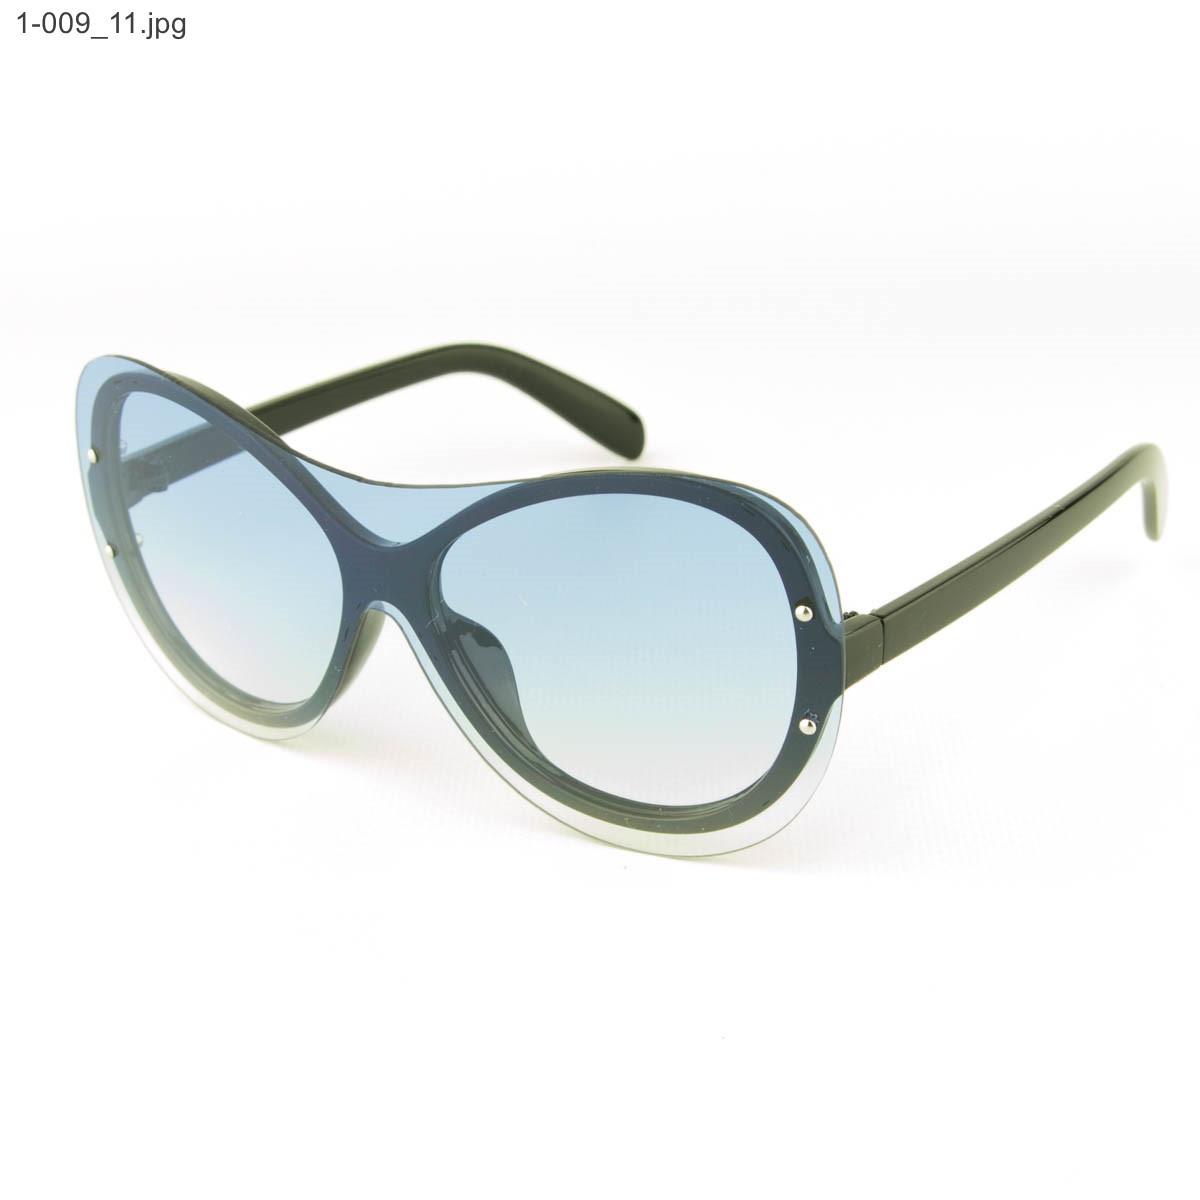 Качественные стильные солнцезащитные очки - Чёрные с голубой линзой - 1-009